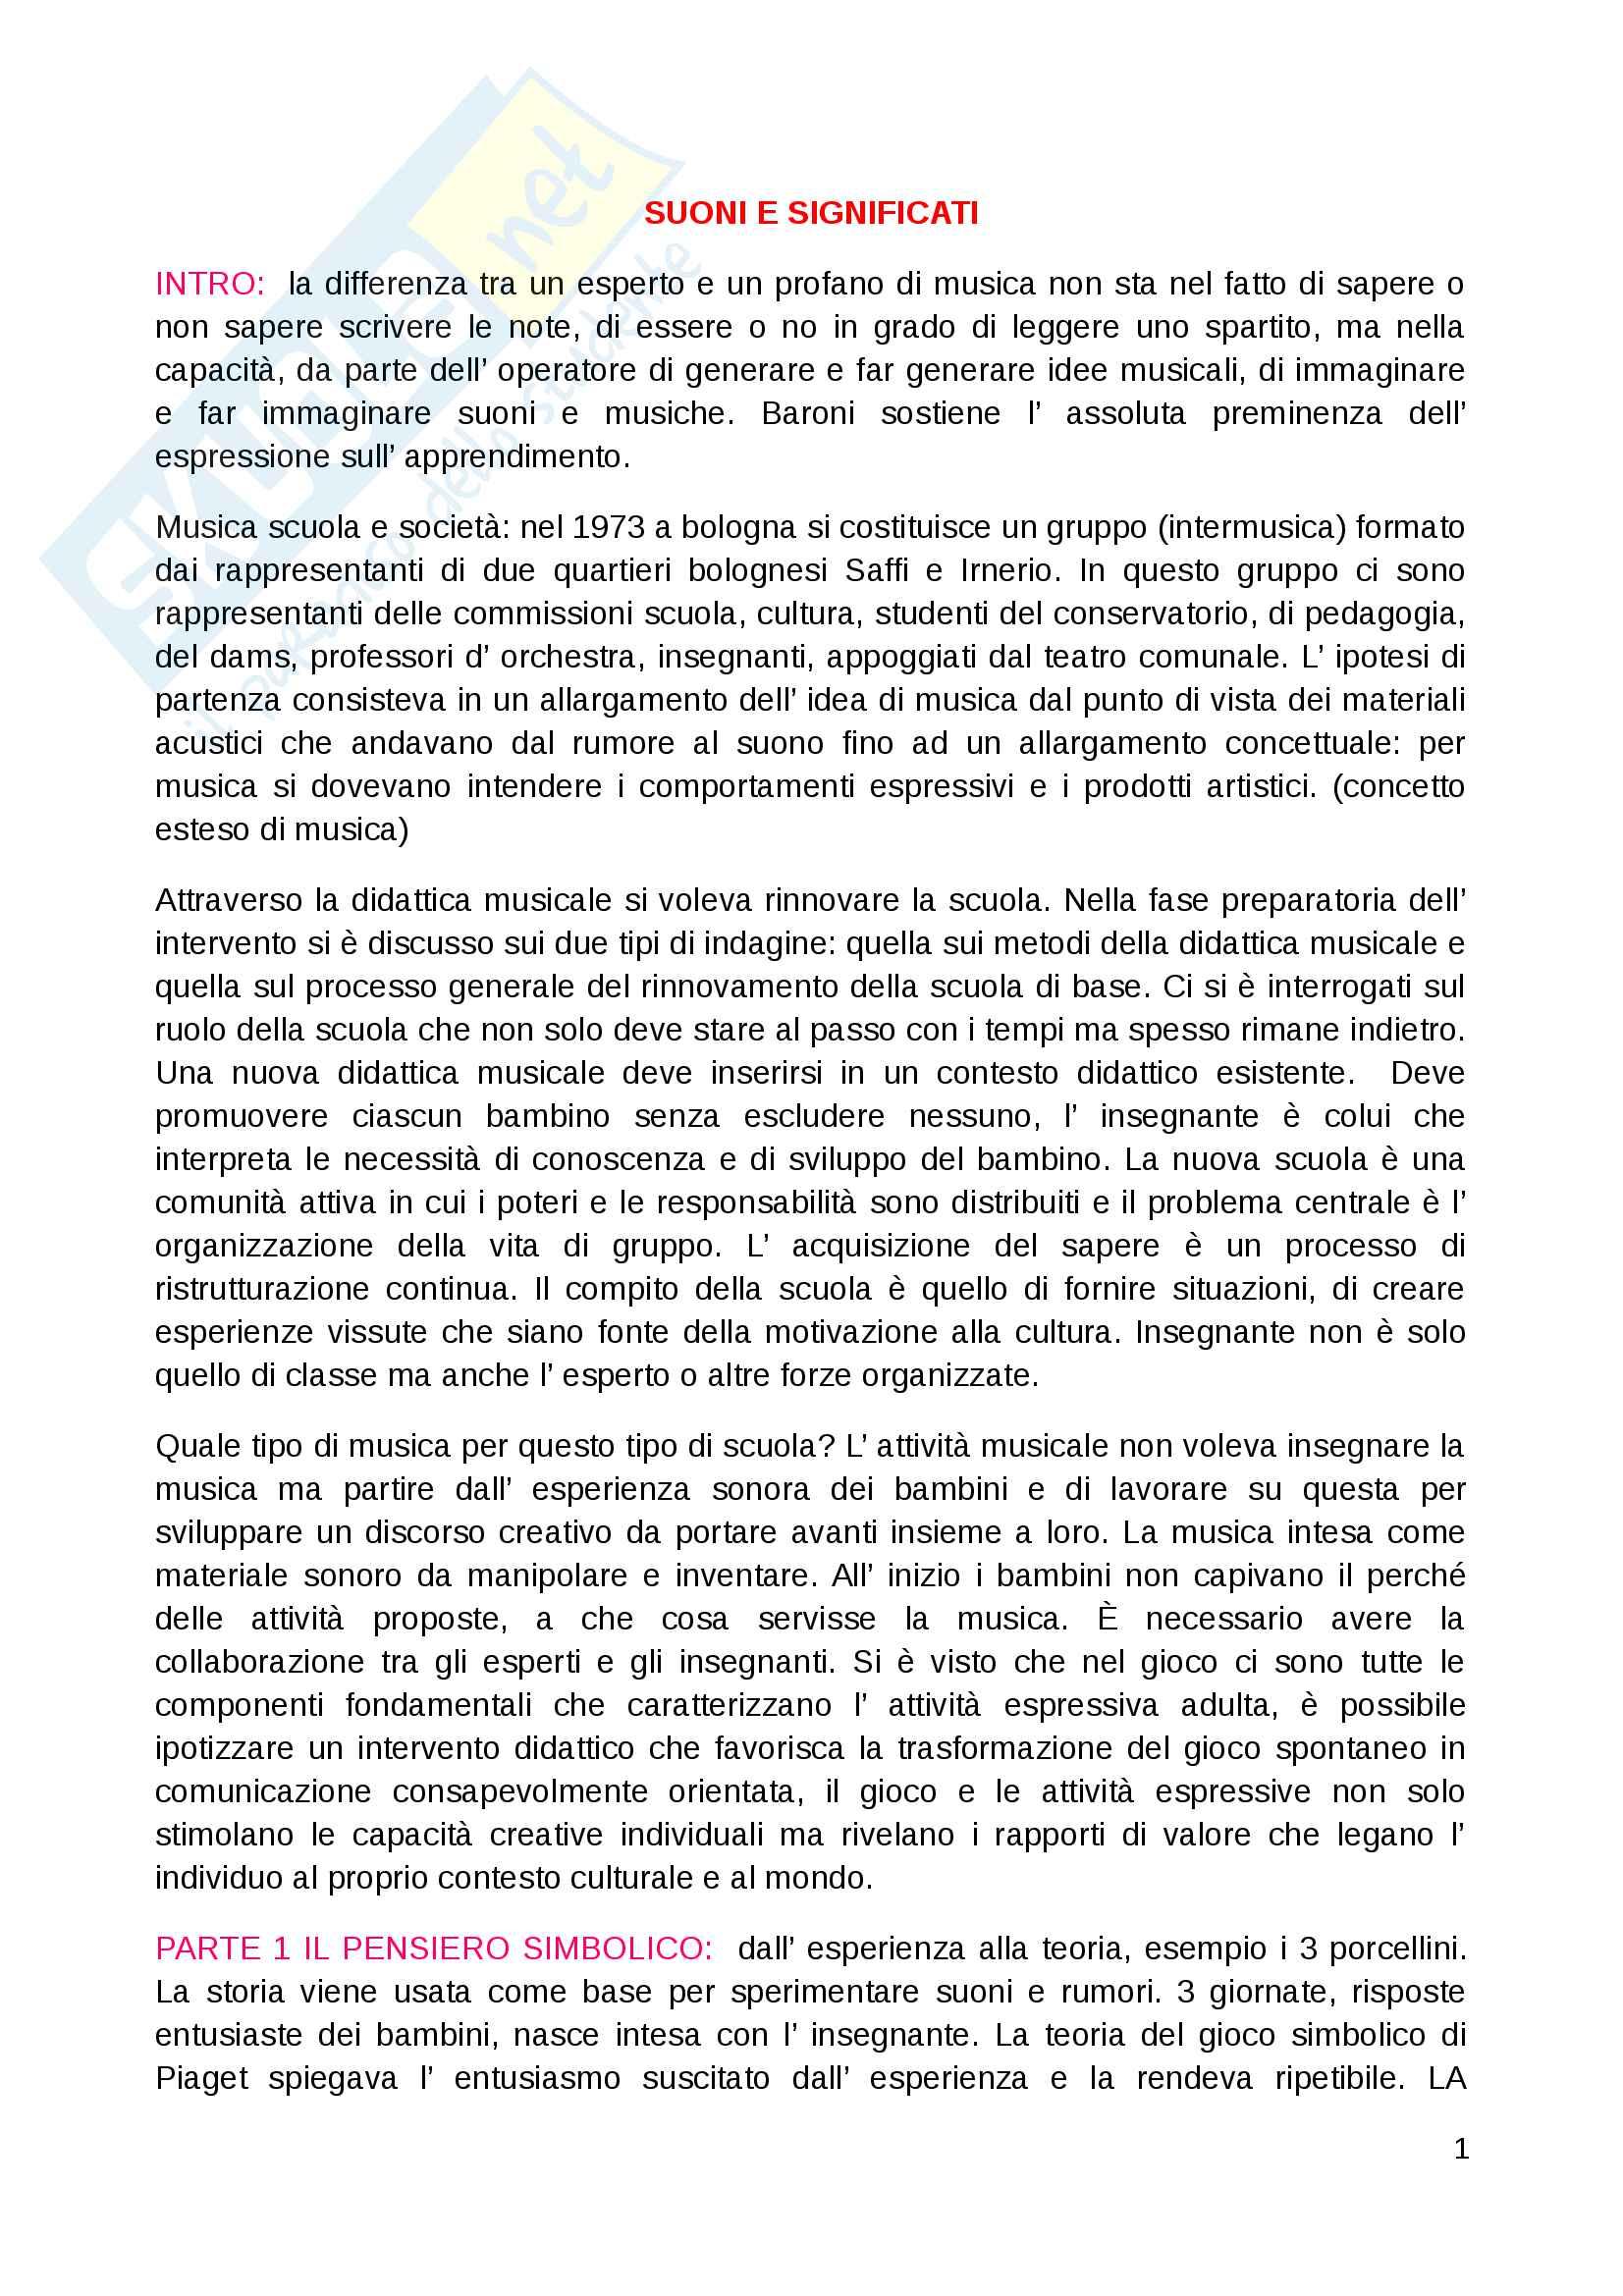 """Riassunto esame Educazione musicale, prof. Luisa Curinga, libri consigliati """"Suoni e significati"""" di Baroni Mario, """"Teorie, metodi e pratiche"""" di Johannella Tafuri e """"Nascere musicali"""" di Johannella Tafuri"""